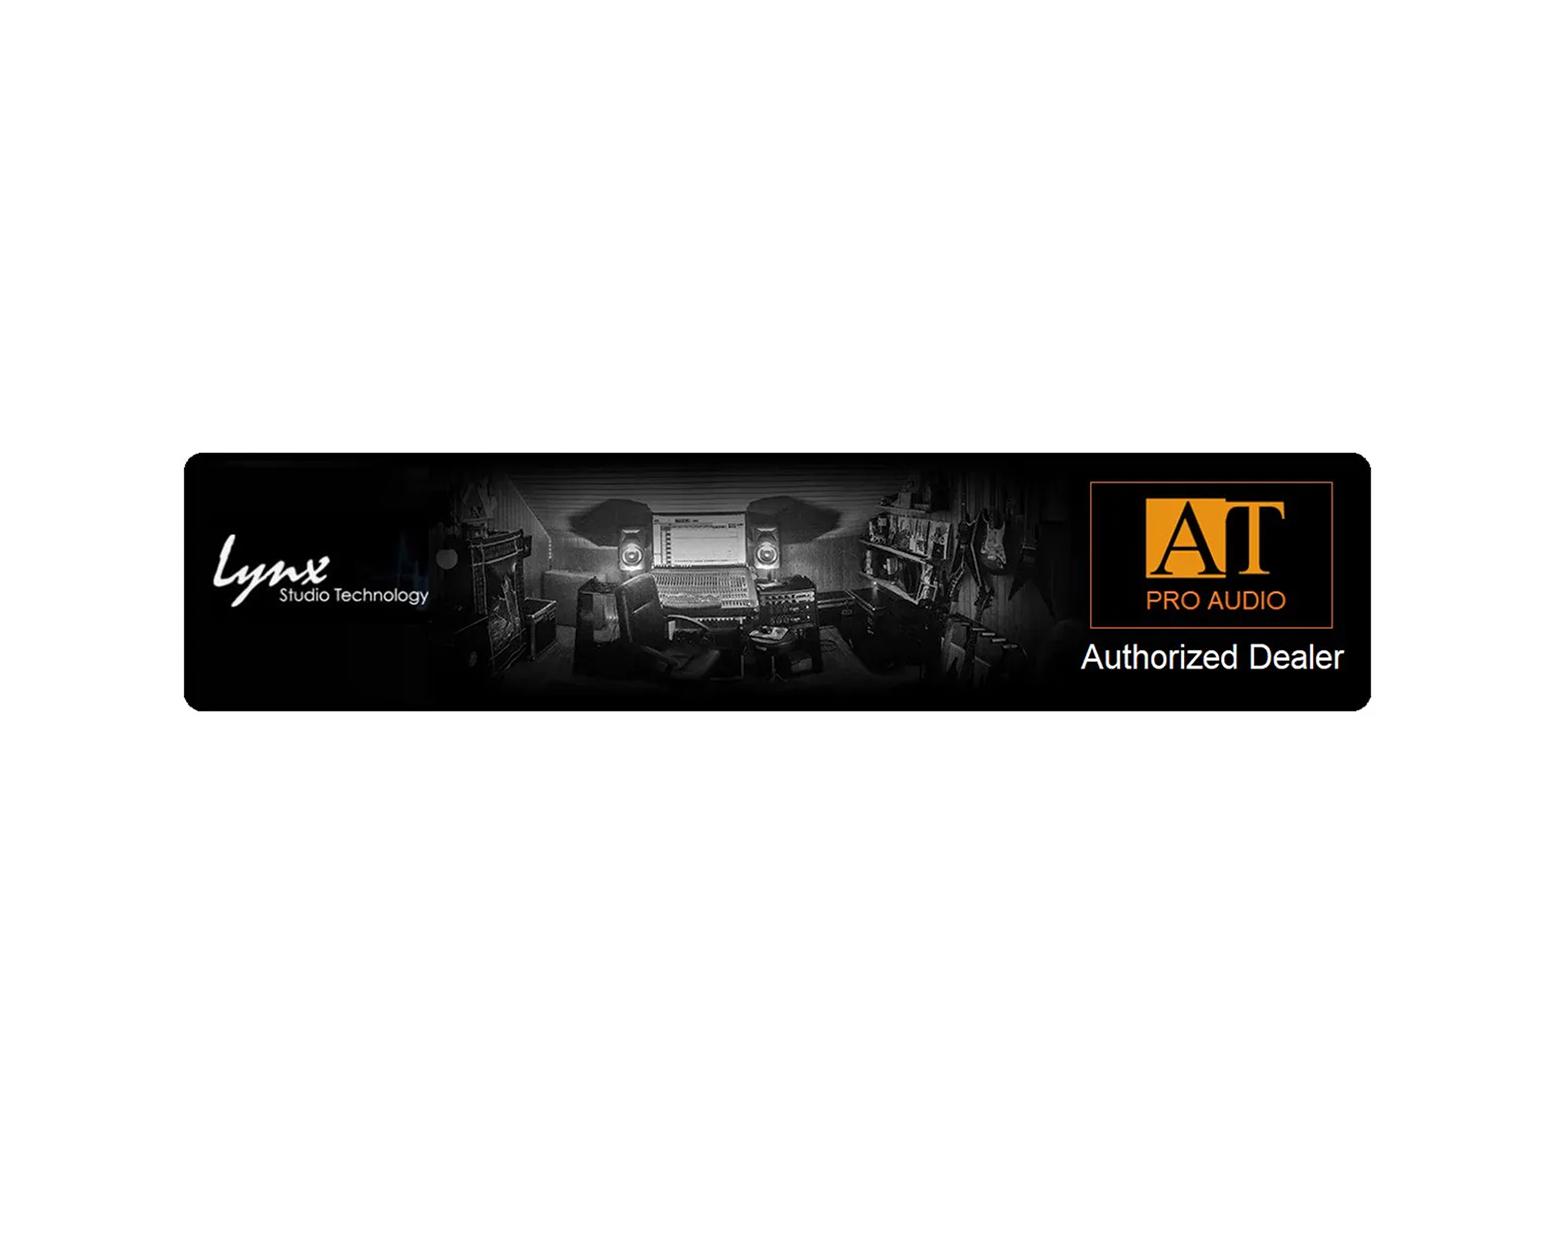 CONVERSOR AD/DA LYNX STUDIO TECHNOLOGY HILO REFERENCE DANTE SILVER